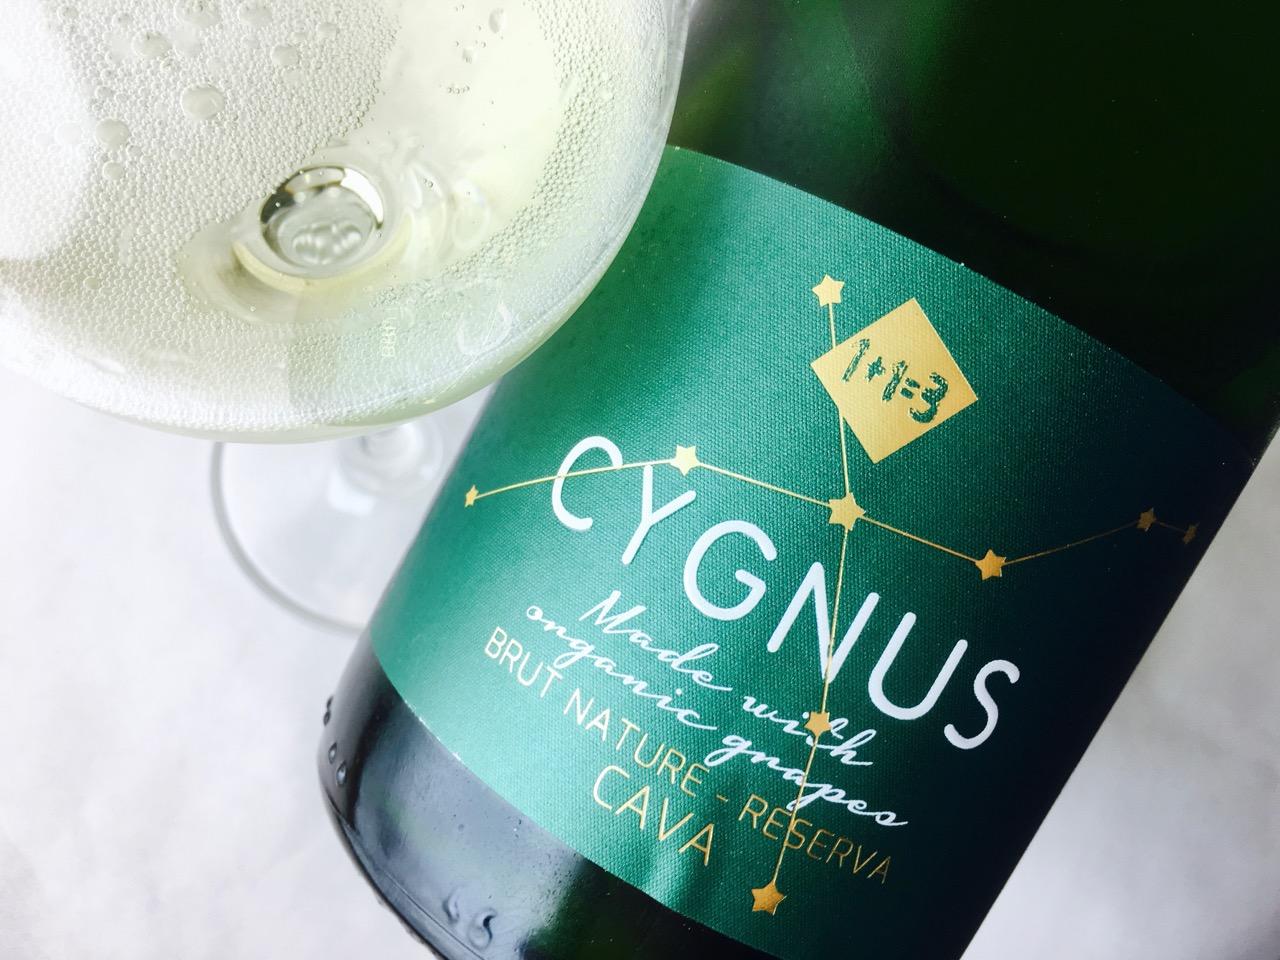 NV U Mes U Fan Tres Cygnus Cava Brut Nature Reserva